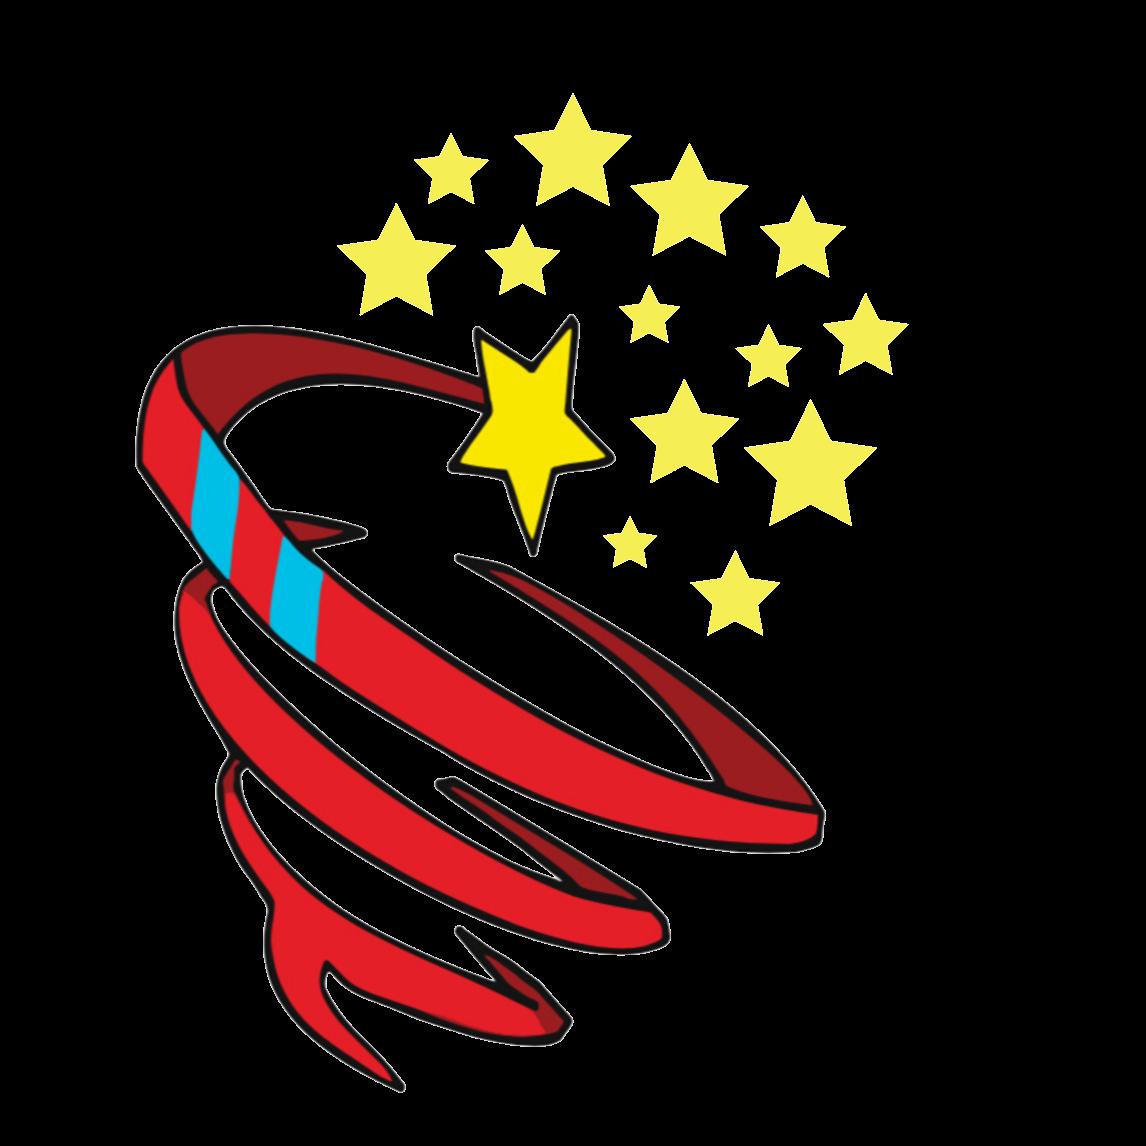 Hurricane Stars Club Inc